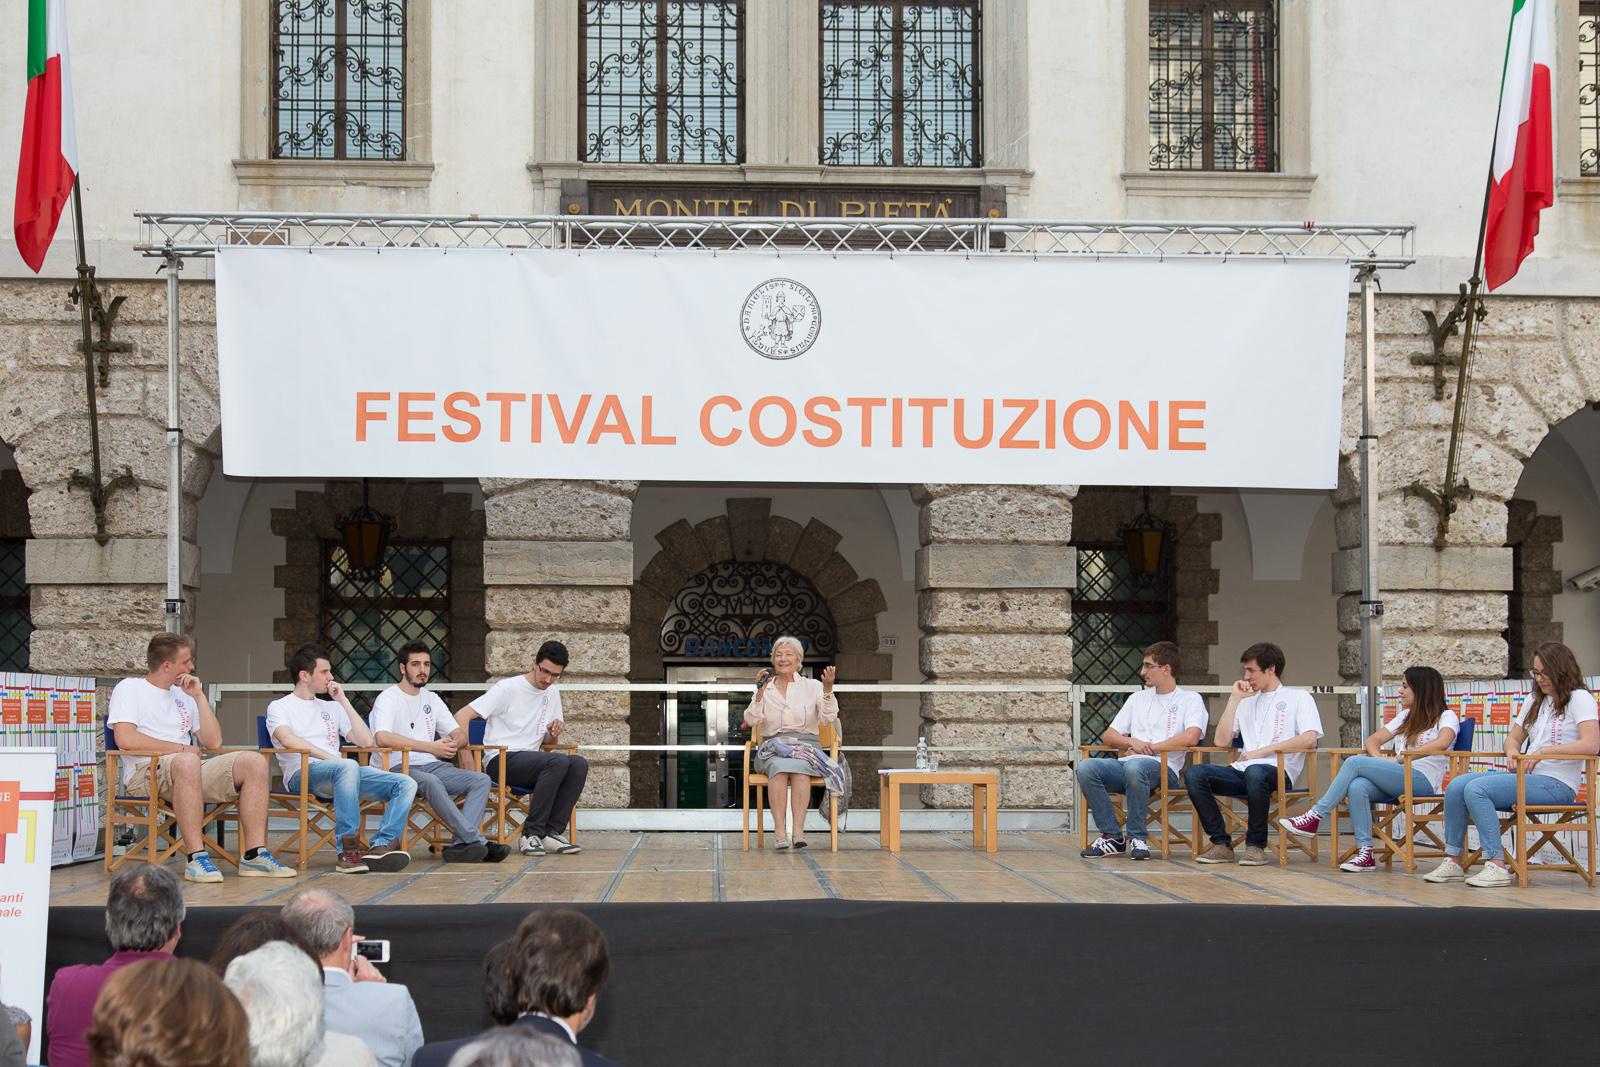 Festival Costituzione 2014 – Lorenza Carlassare